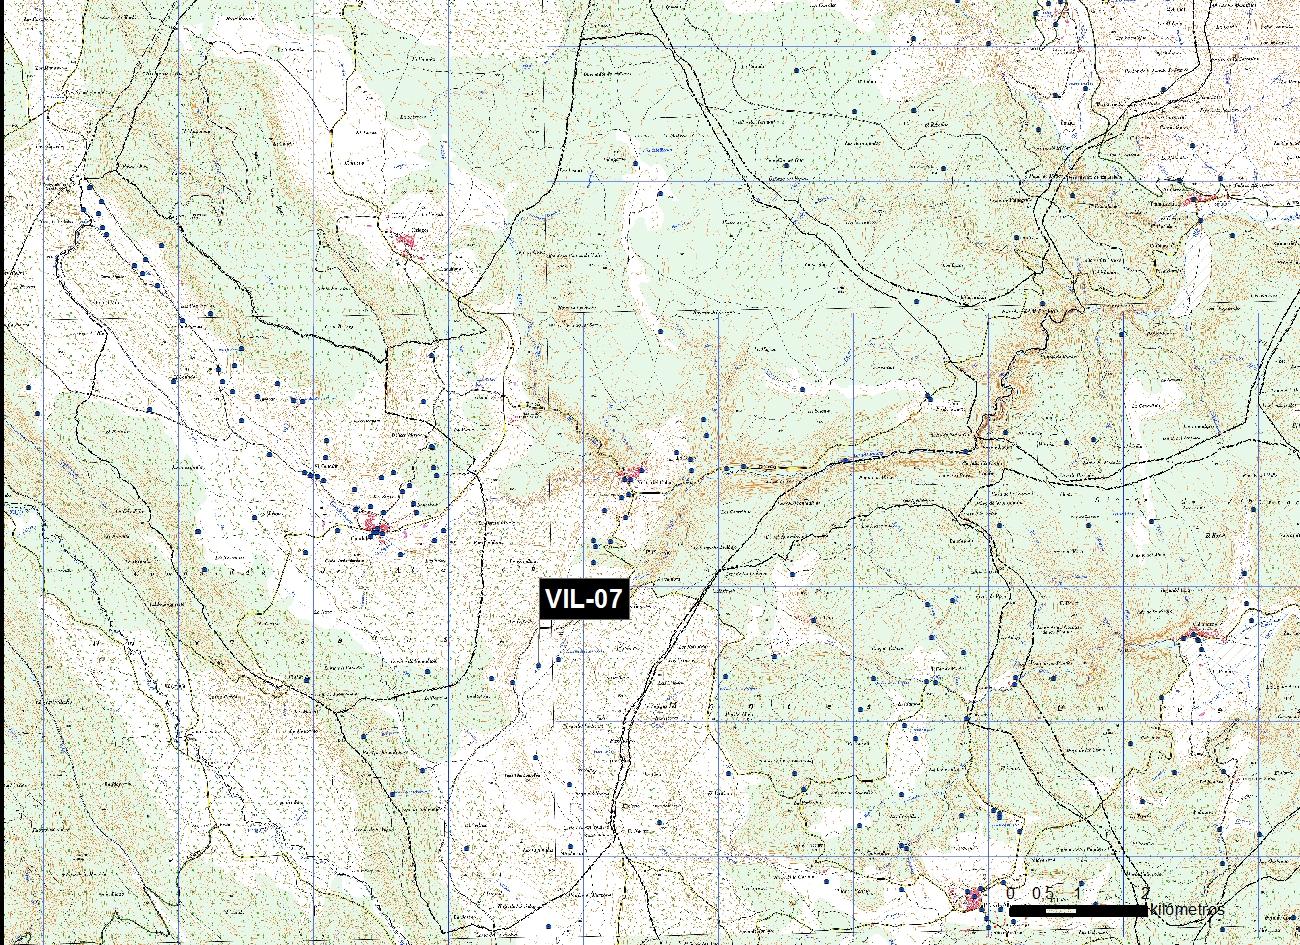 VIL_07_M.V.LOZANO_CAÑADA_MAP.TOPO 1